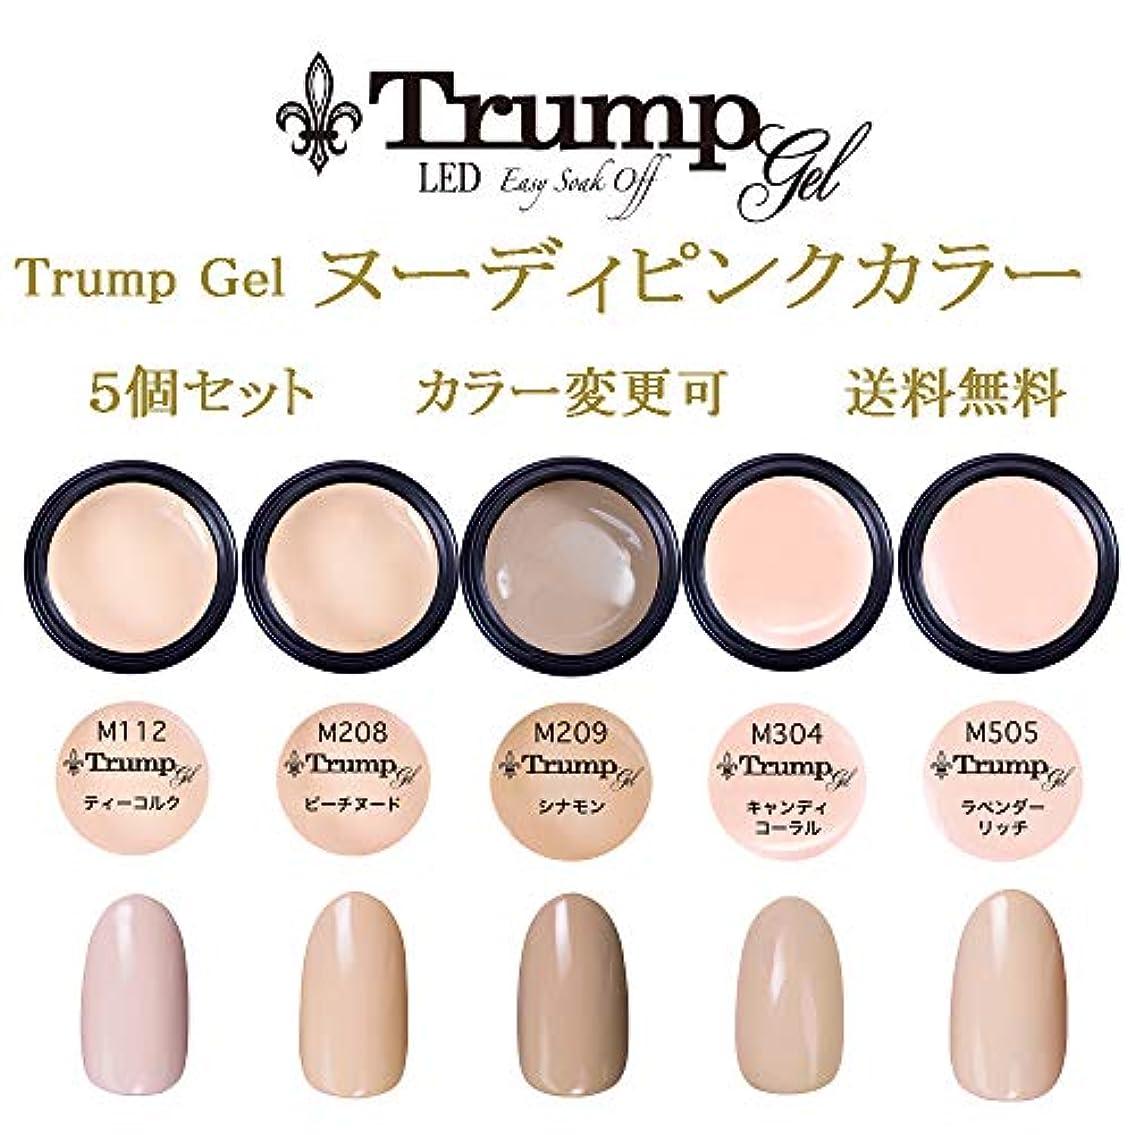 草すり減る医療過誤日本製 Trump gel トランプジェル ヌーディピンク 選べる カラージェル 5個セット ピンク ベージュ ヌーディカラー